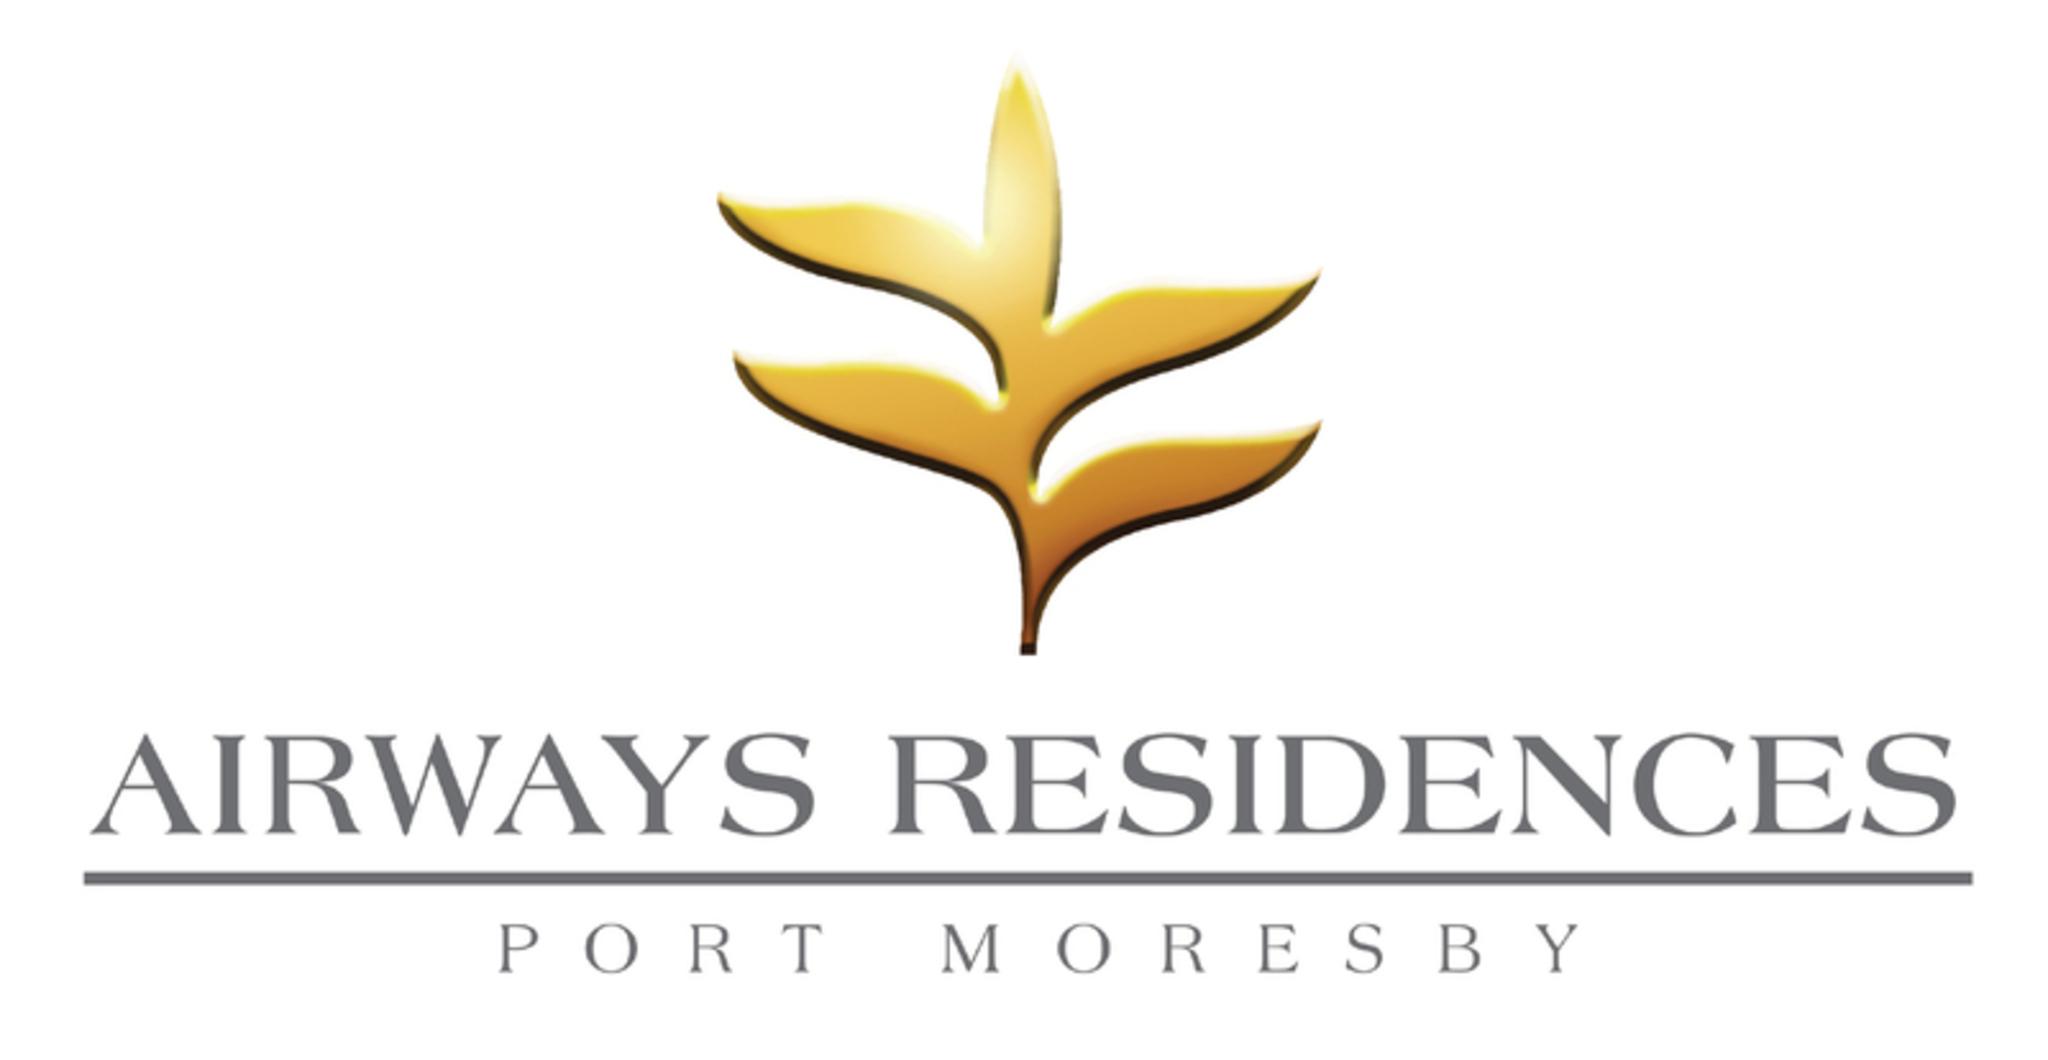 Airways Residences